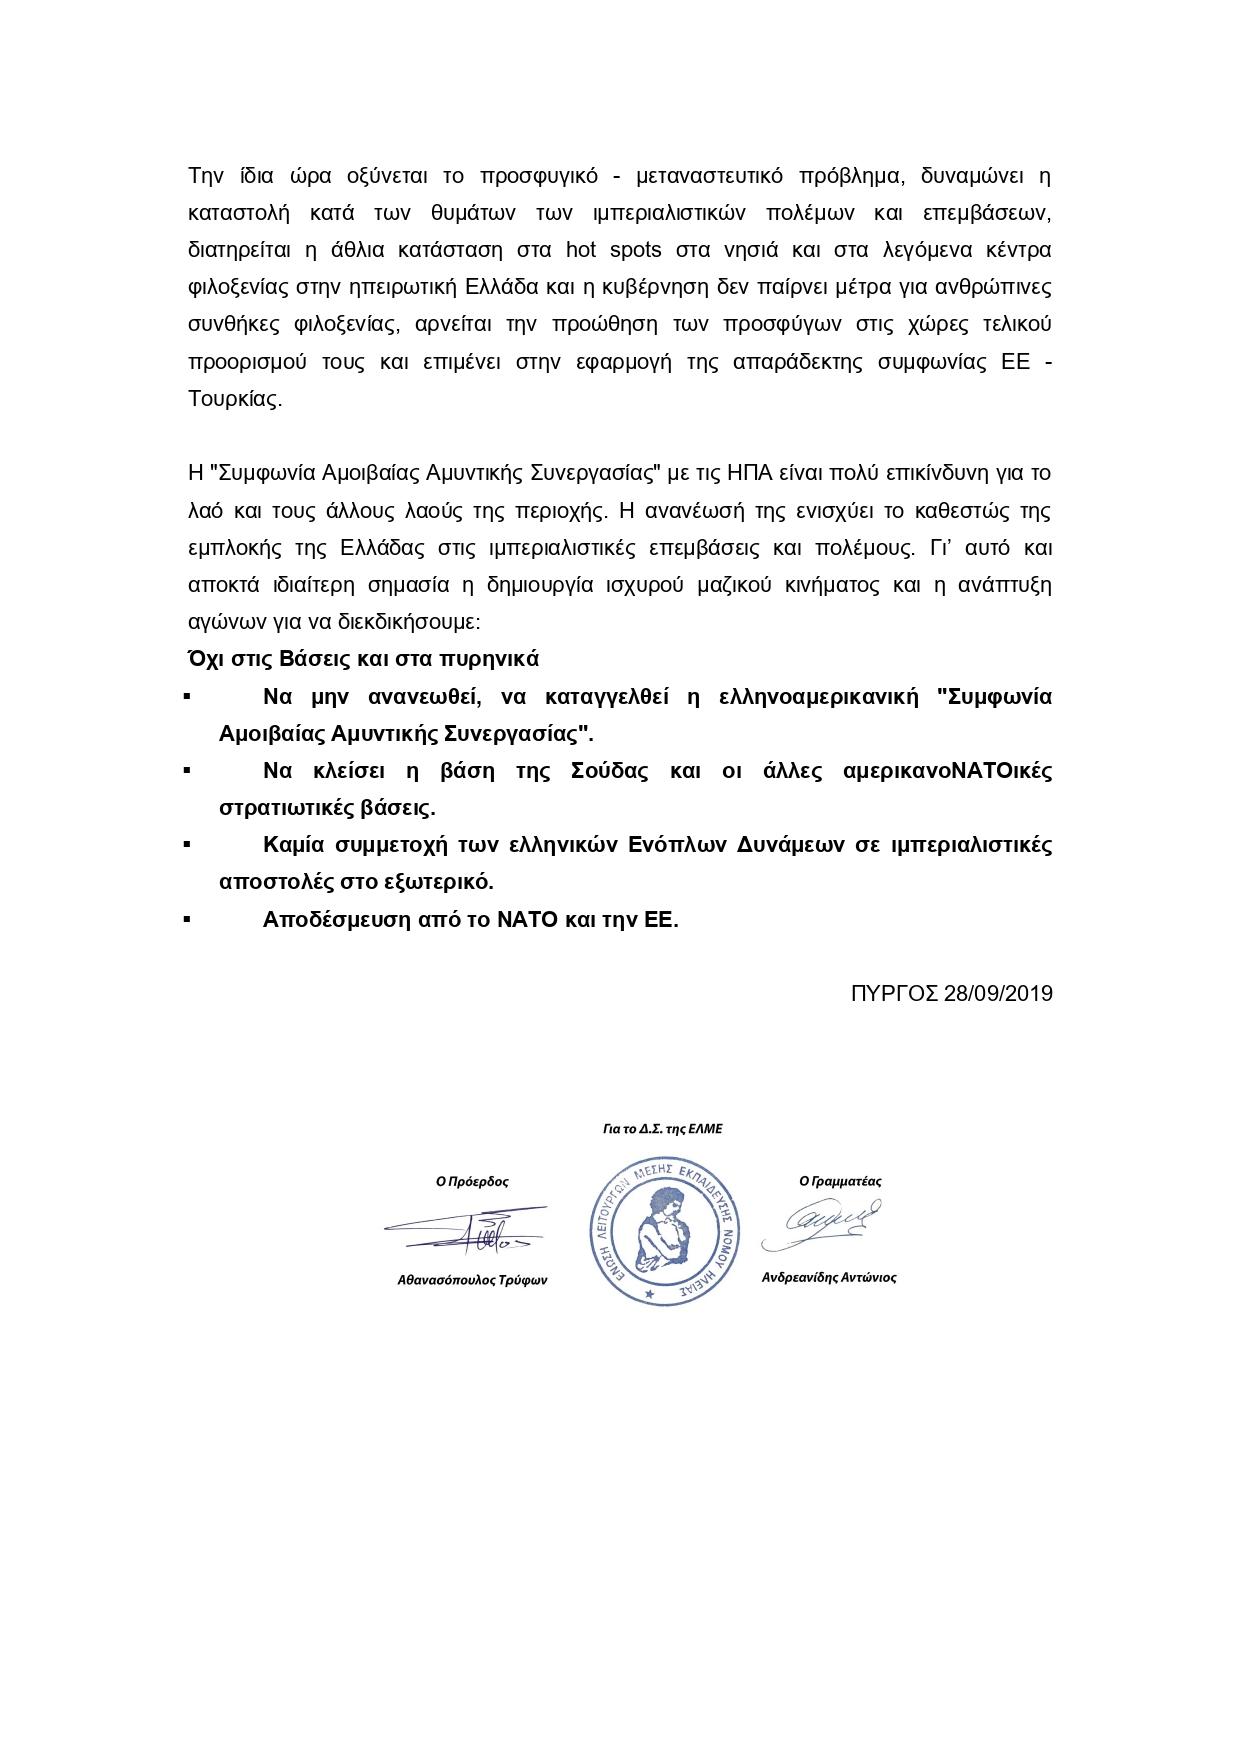 ΕΛΜΕ Ηλείας: Ανακοινώσεις για την αμυντική συνεργασία Ελλάδας - ΗΠΑ και την εξόρυξη υδρογονανθράκων